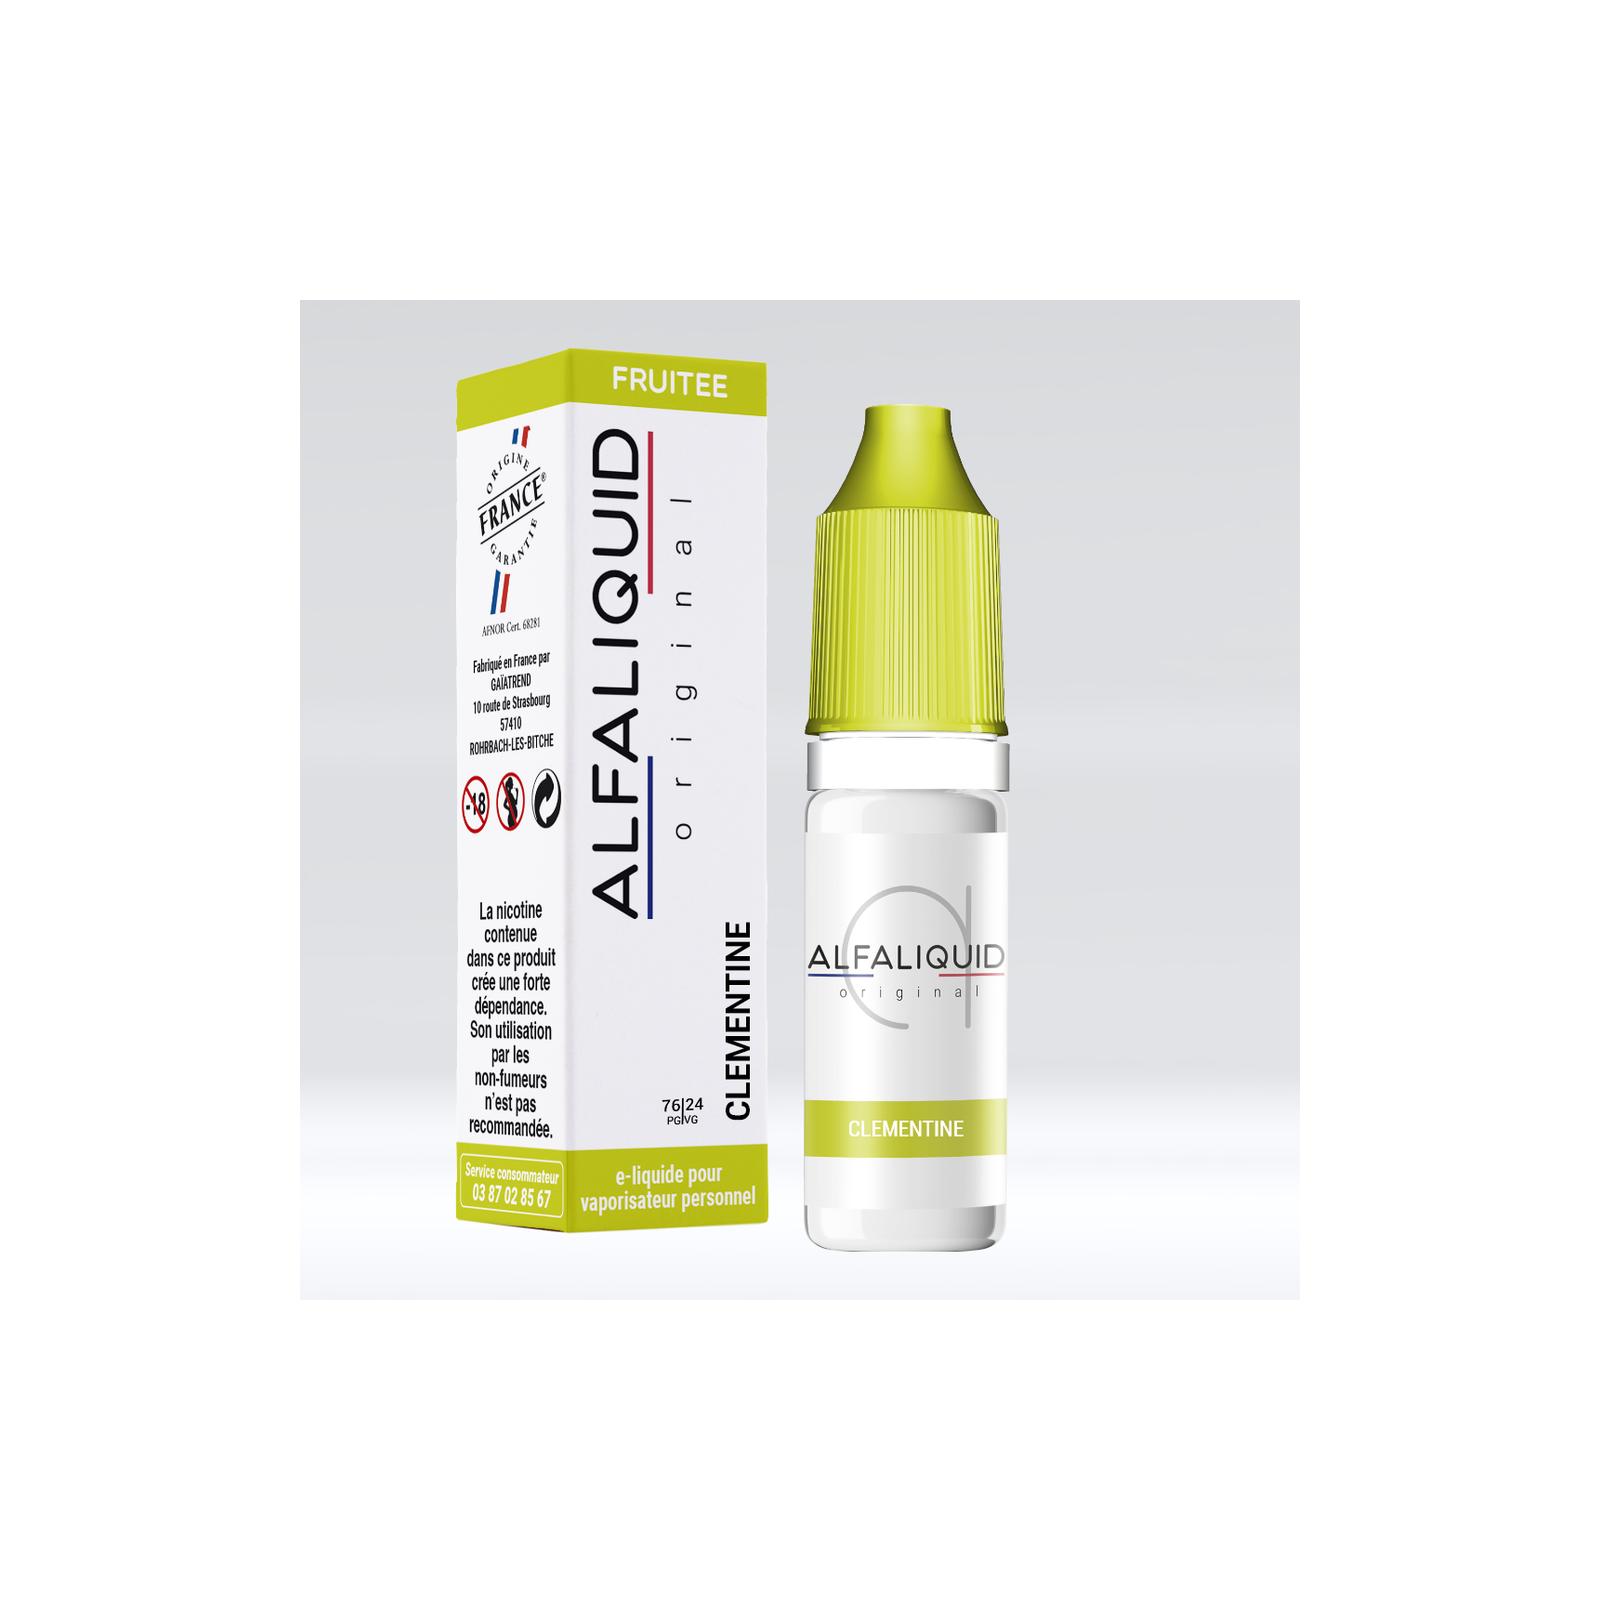 Clémentine - Alfaliquid